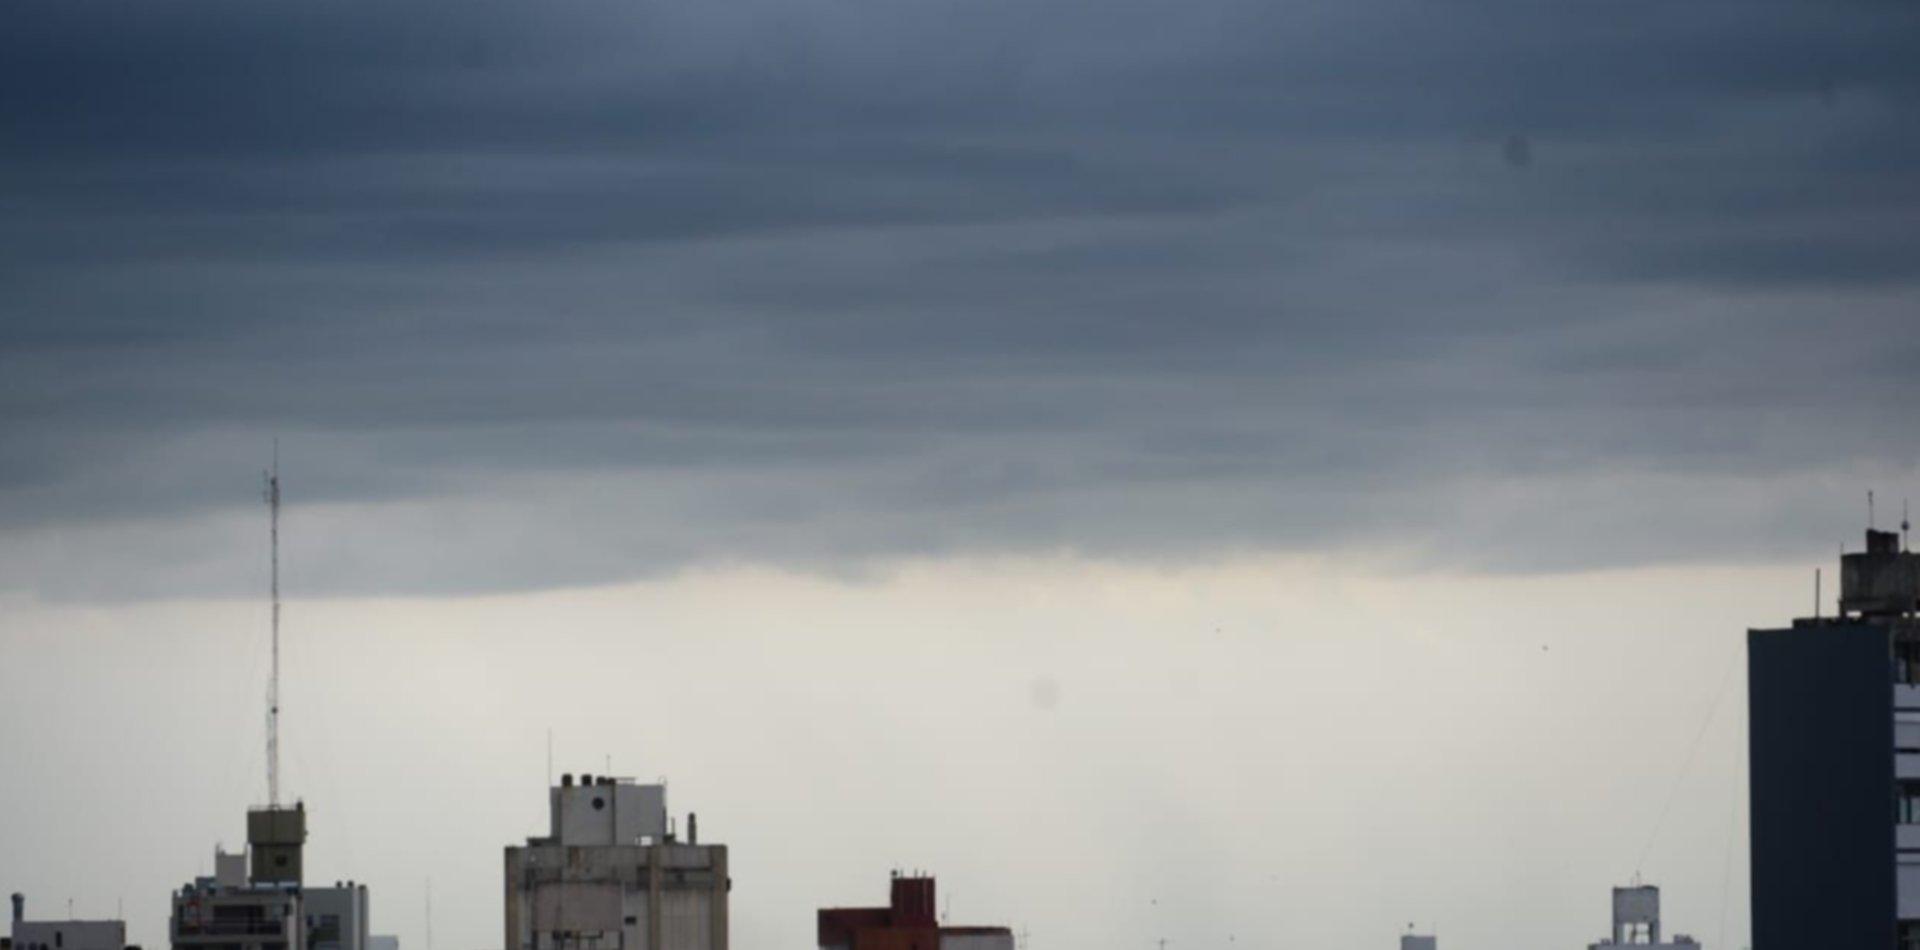 Hay alerta meteorológico en La Plata por fuertes tormentas y ráfagas de viento